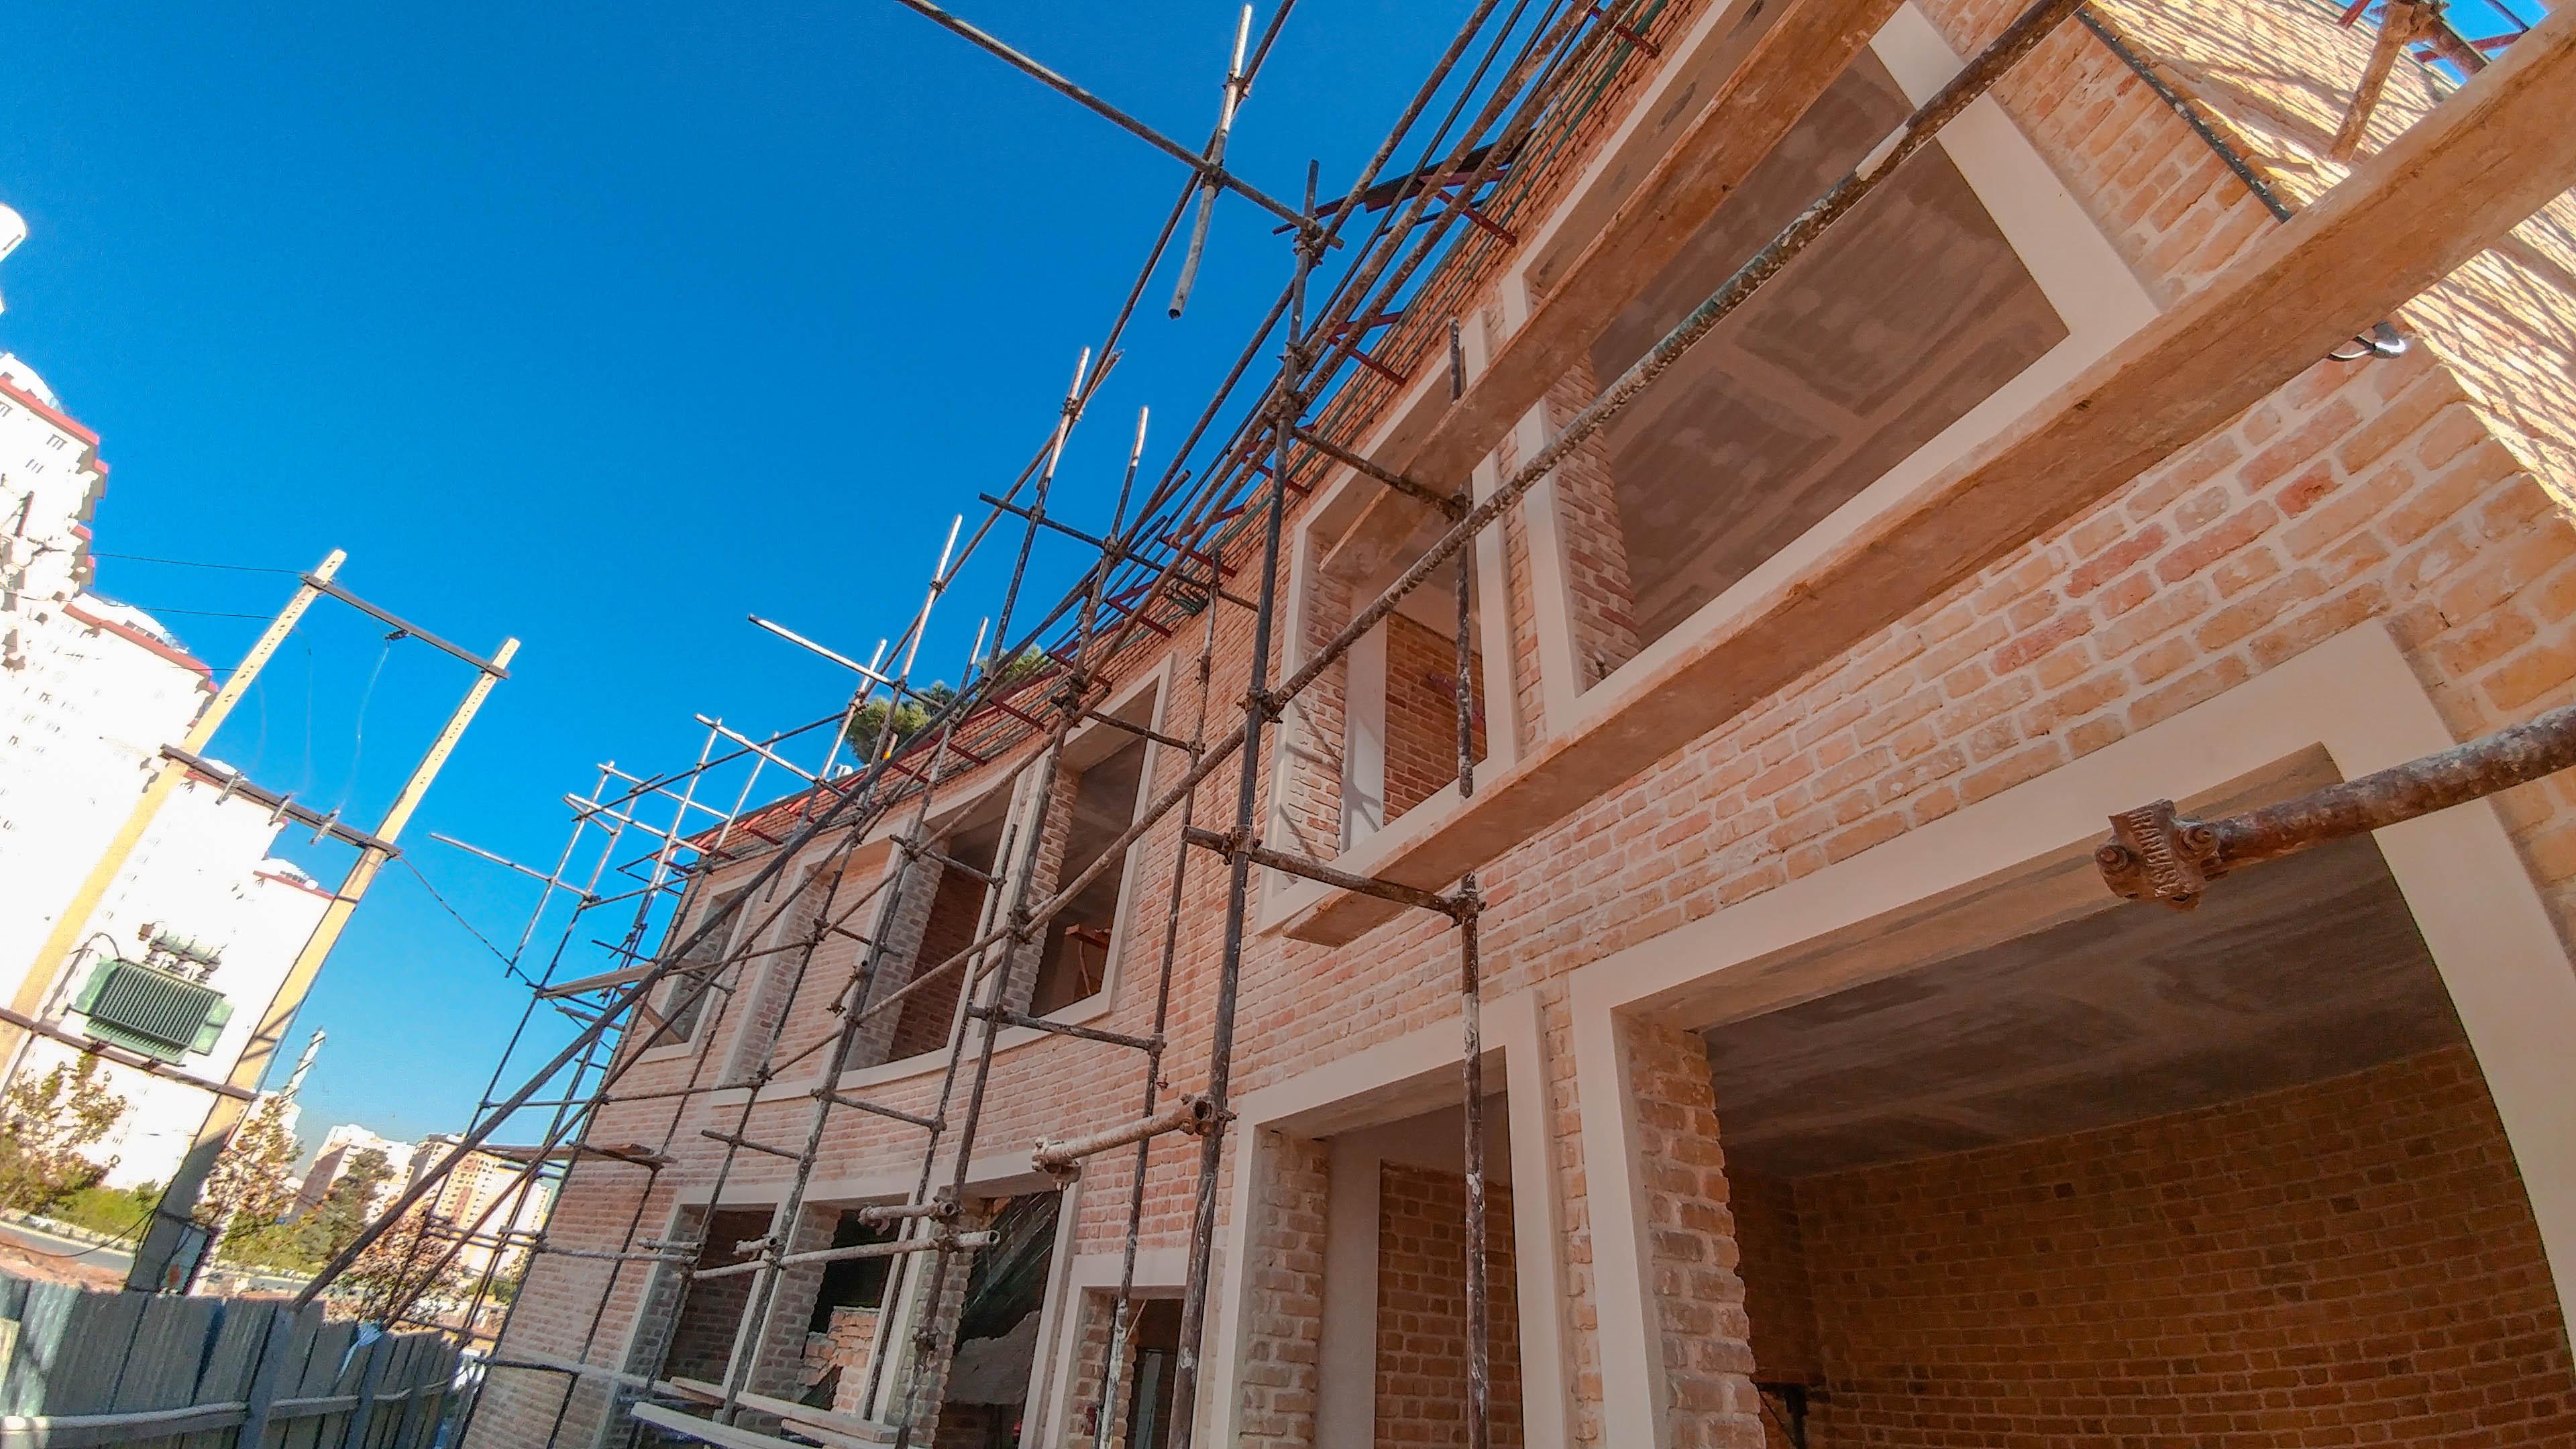 نماسازی و نصب پنجره ها پروژه دفتر شرکت آبادگستر سحر